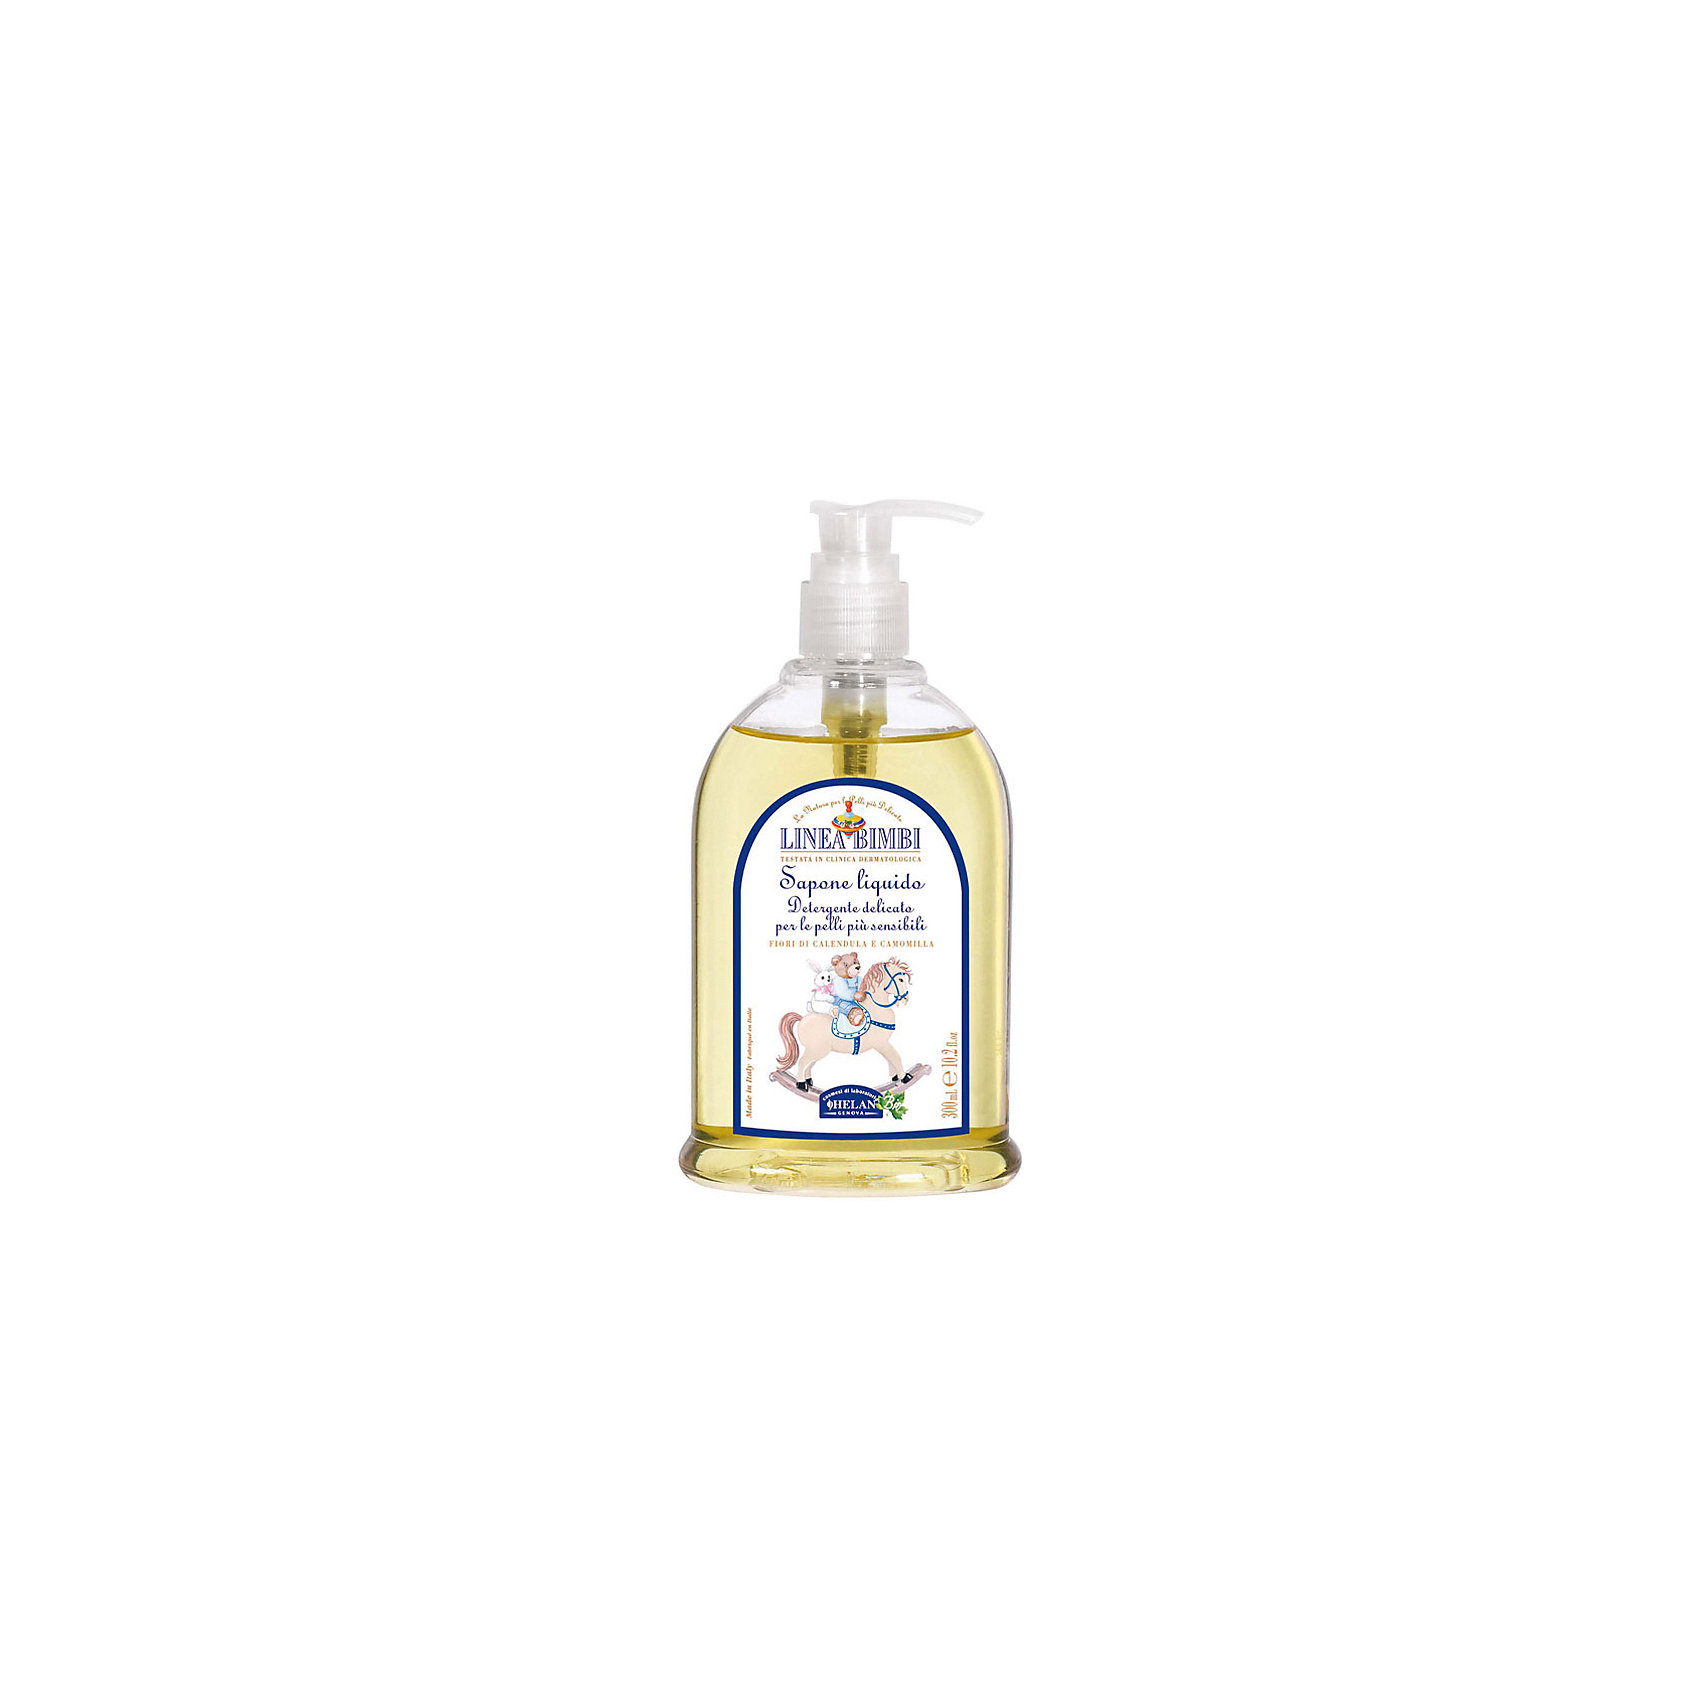 Мыло жидкое для детей Linea Bimbi, 300 мл., HELANМыло жидкое для детей Linea Bimbi, 300 мл., HELAN (Хелан)<br><br>Характеристики:<br><br>• подходит для чувствительной кожи<br>• успокаивает и придаёт мягкость коже<br>• обеспечивает нормальный уровень pH<br>• не содержит консервантов и красителей<br>• приятный аромат<br>• удобный дозатор<br>• активные компоненты: экстракт ромашки, экстракт календулы<br>• объем: 300 мл<br>• размер упаковки: 17х9х5 см<br>• вес: 360 грамм<br><br>Жидкое мыло Linea Bimbi подходит даже для самой чувствительной кожи. Компоненты, входящие в состав, бережно смягчают и увлажняют кожу, а экстракты ромашки и календулы препятствуют появлению покраснений и раздражения. Мыло имеет лёгкий приятный аромат, который также не вызовет аллергии. Удобный дозатор позволит вам взять необходимое количество мыла. Продукт не содержит красителей и консервантов, вредных для здоровья малыша.<br><br>Мыло жидкое для детей Linea Bimbi, 300 мл., HELAN (Хелан) можно купить в нашем интернет-магазине.<br><br>Ширина мм: 50<br>Глубина мм: 90<br>Высота мм: 170<br>Вес г: 360<br>Возраст от месяцев: -2147483648<br>Возраст до месяцев: 2147483647<br>Пол: Унисекс<br>Возраст: Детский<br>SKU: 5401699